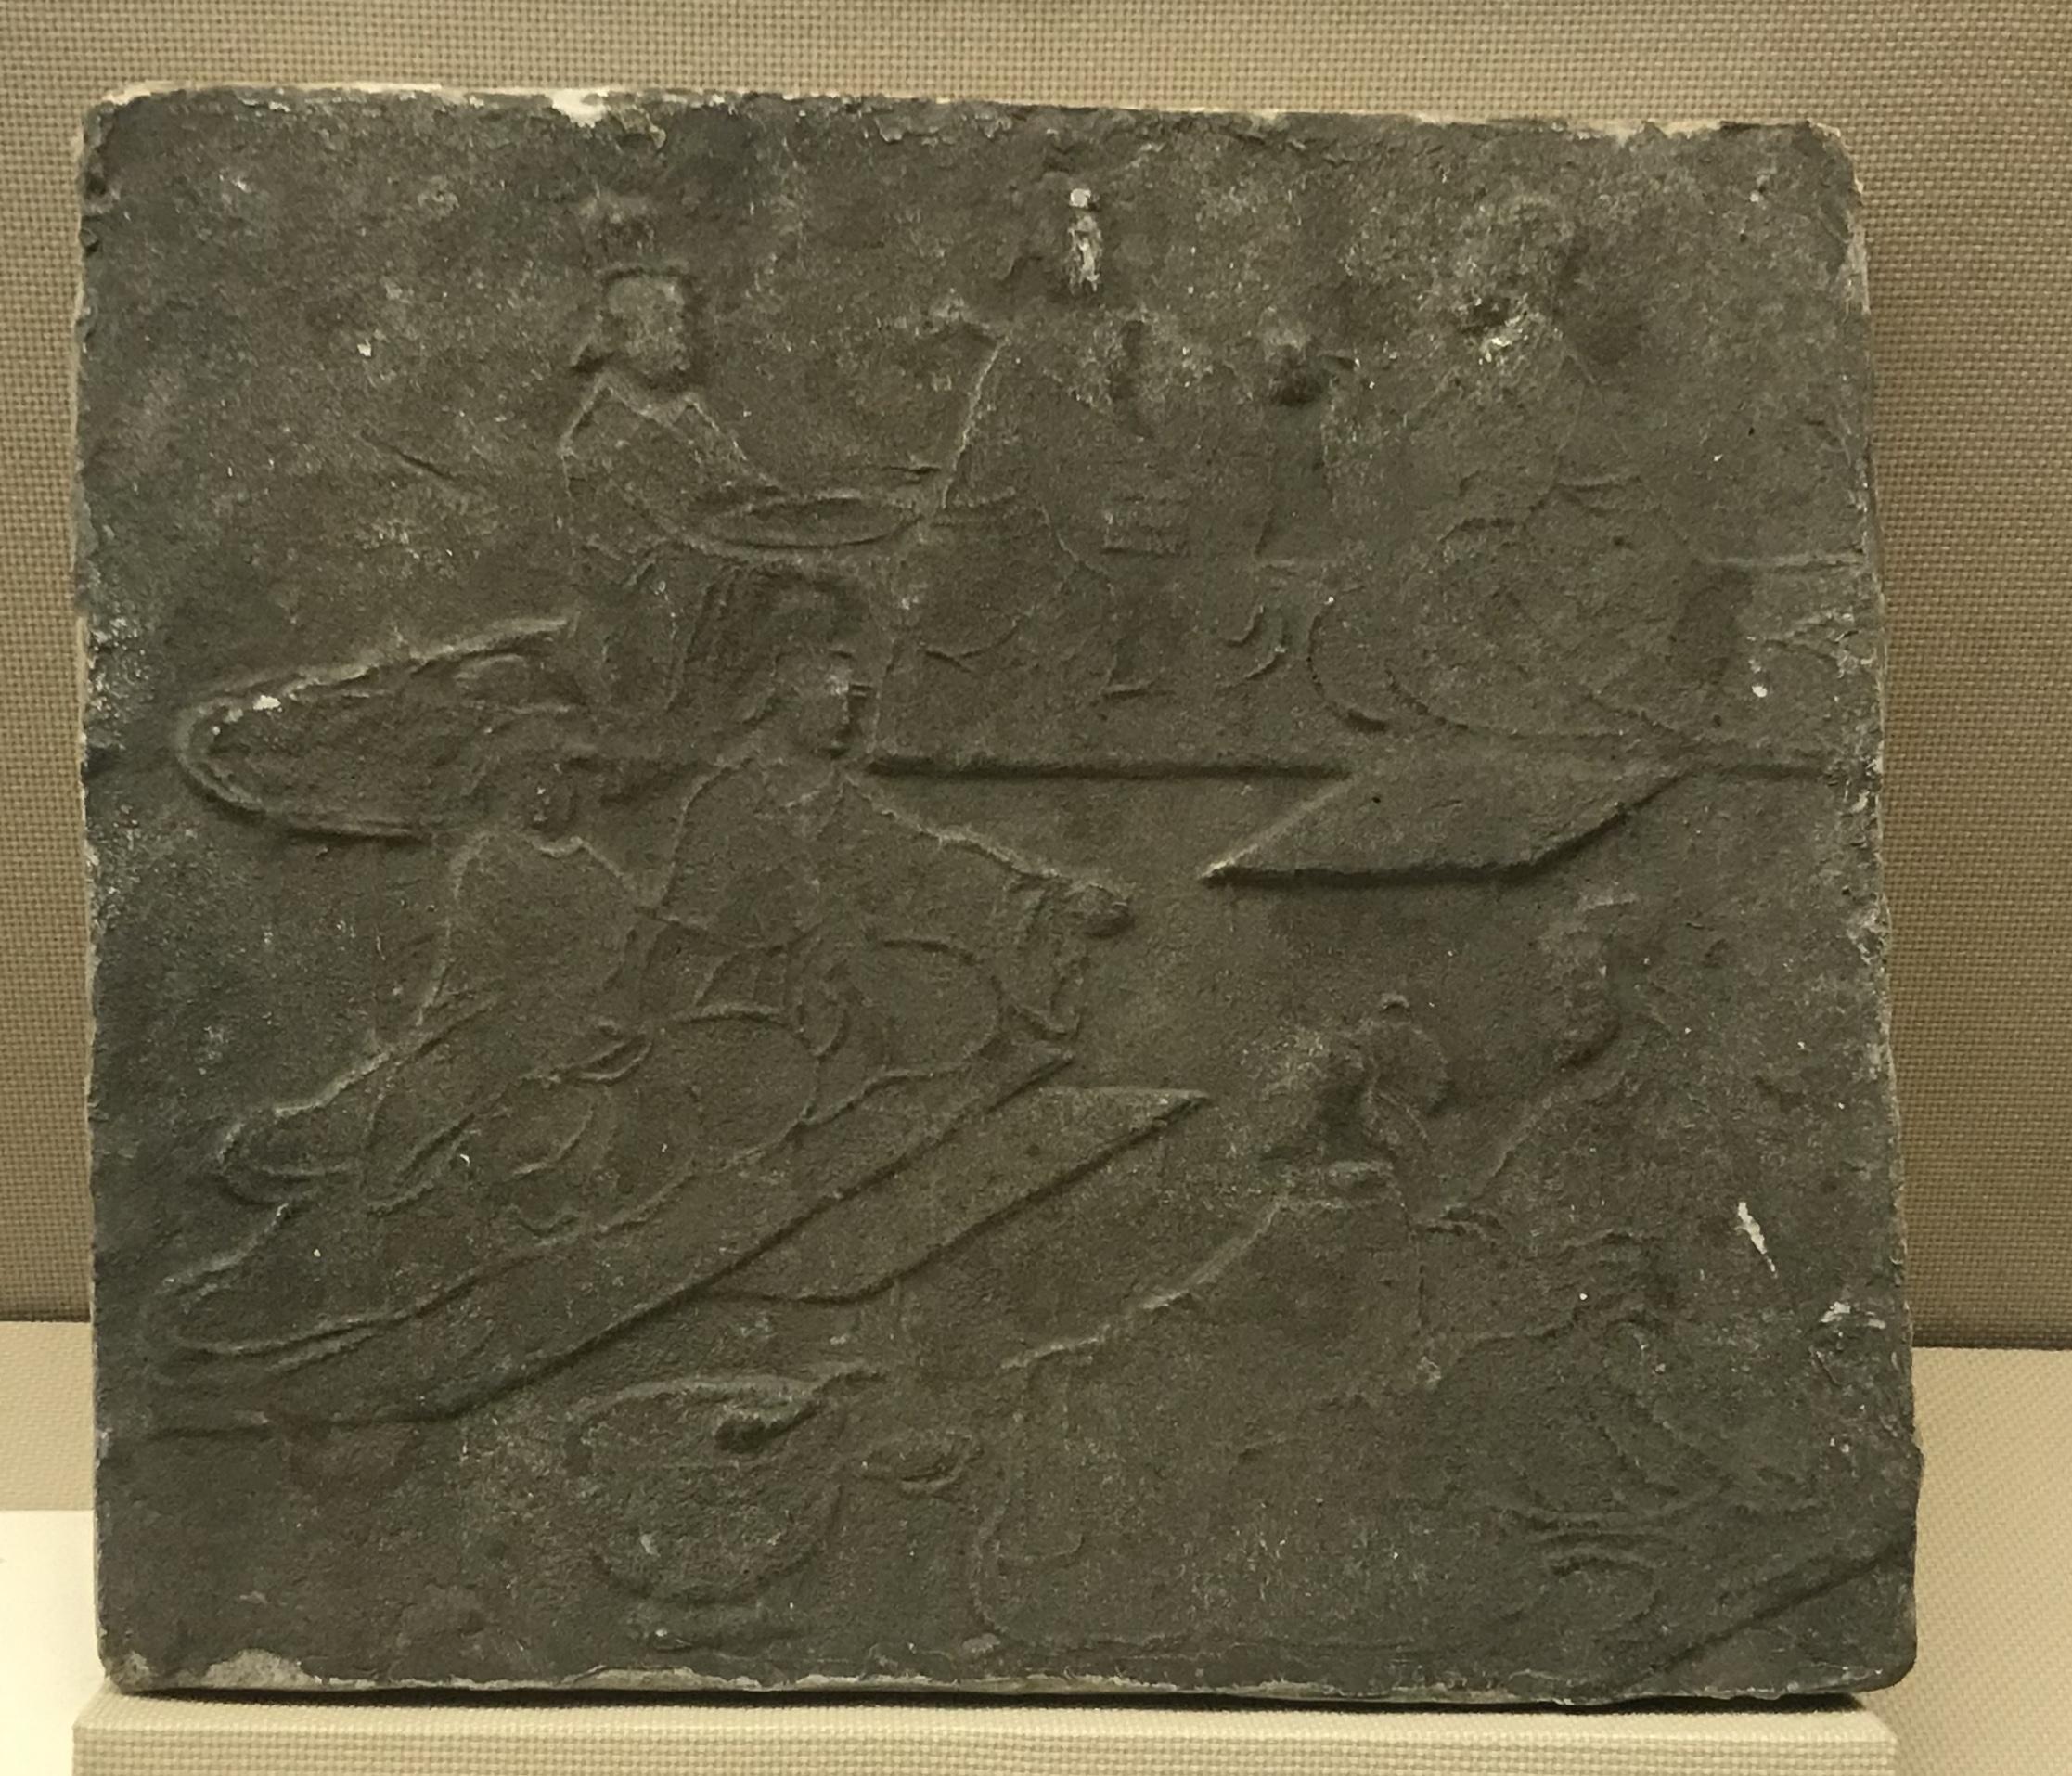 宴飲1画像レンガ-東漢-  大邑県安仁出土-四川漢代陶石芸術館-四川博物院-成都